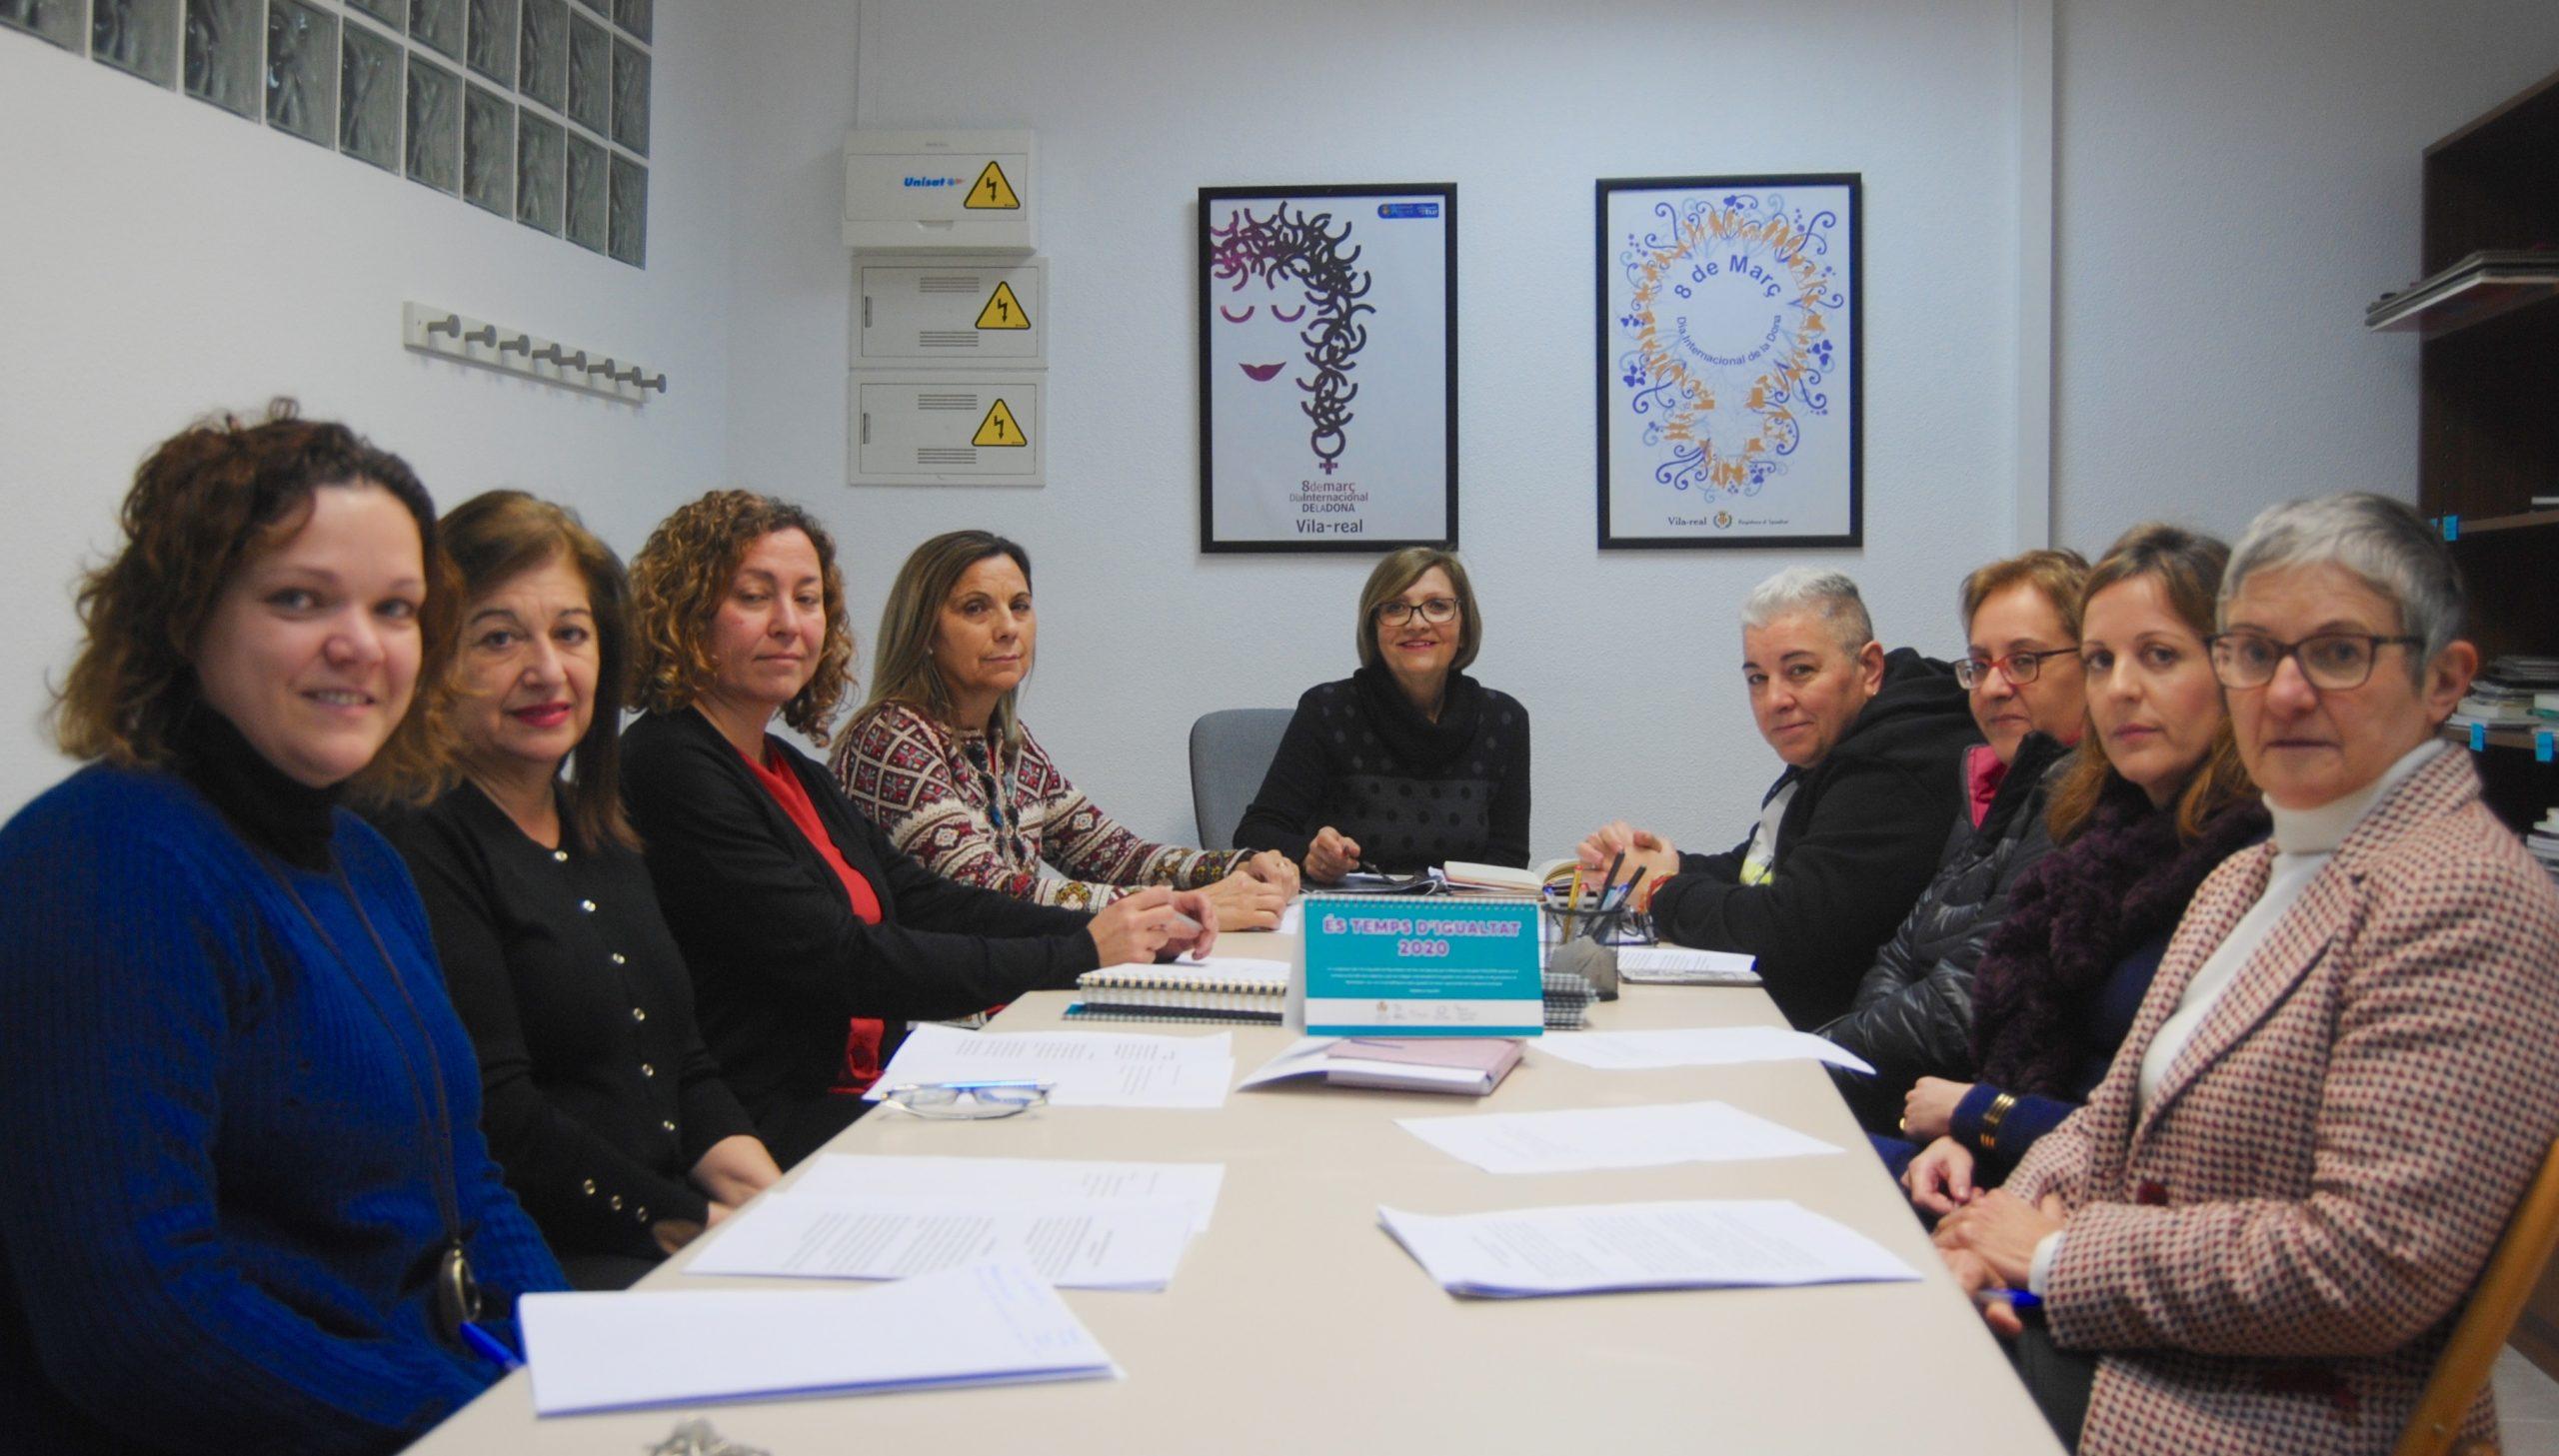 Igualdad da voz a los centros educativos y las asociaciones en los actos del 8M